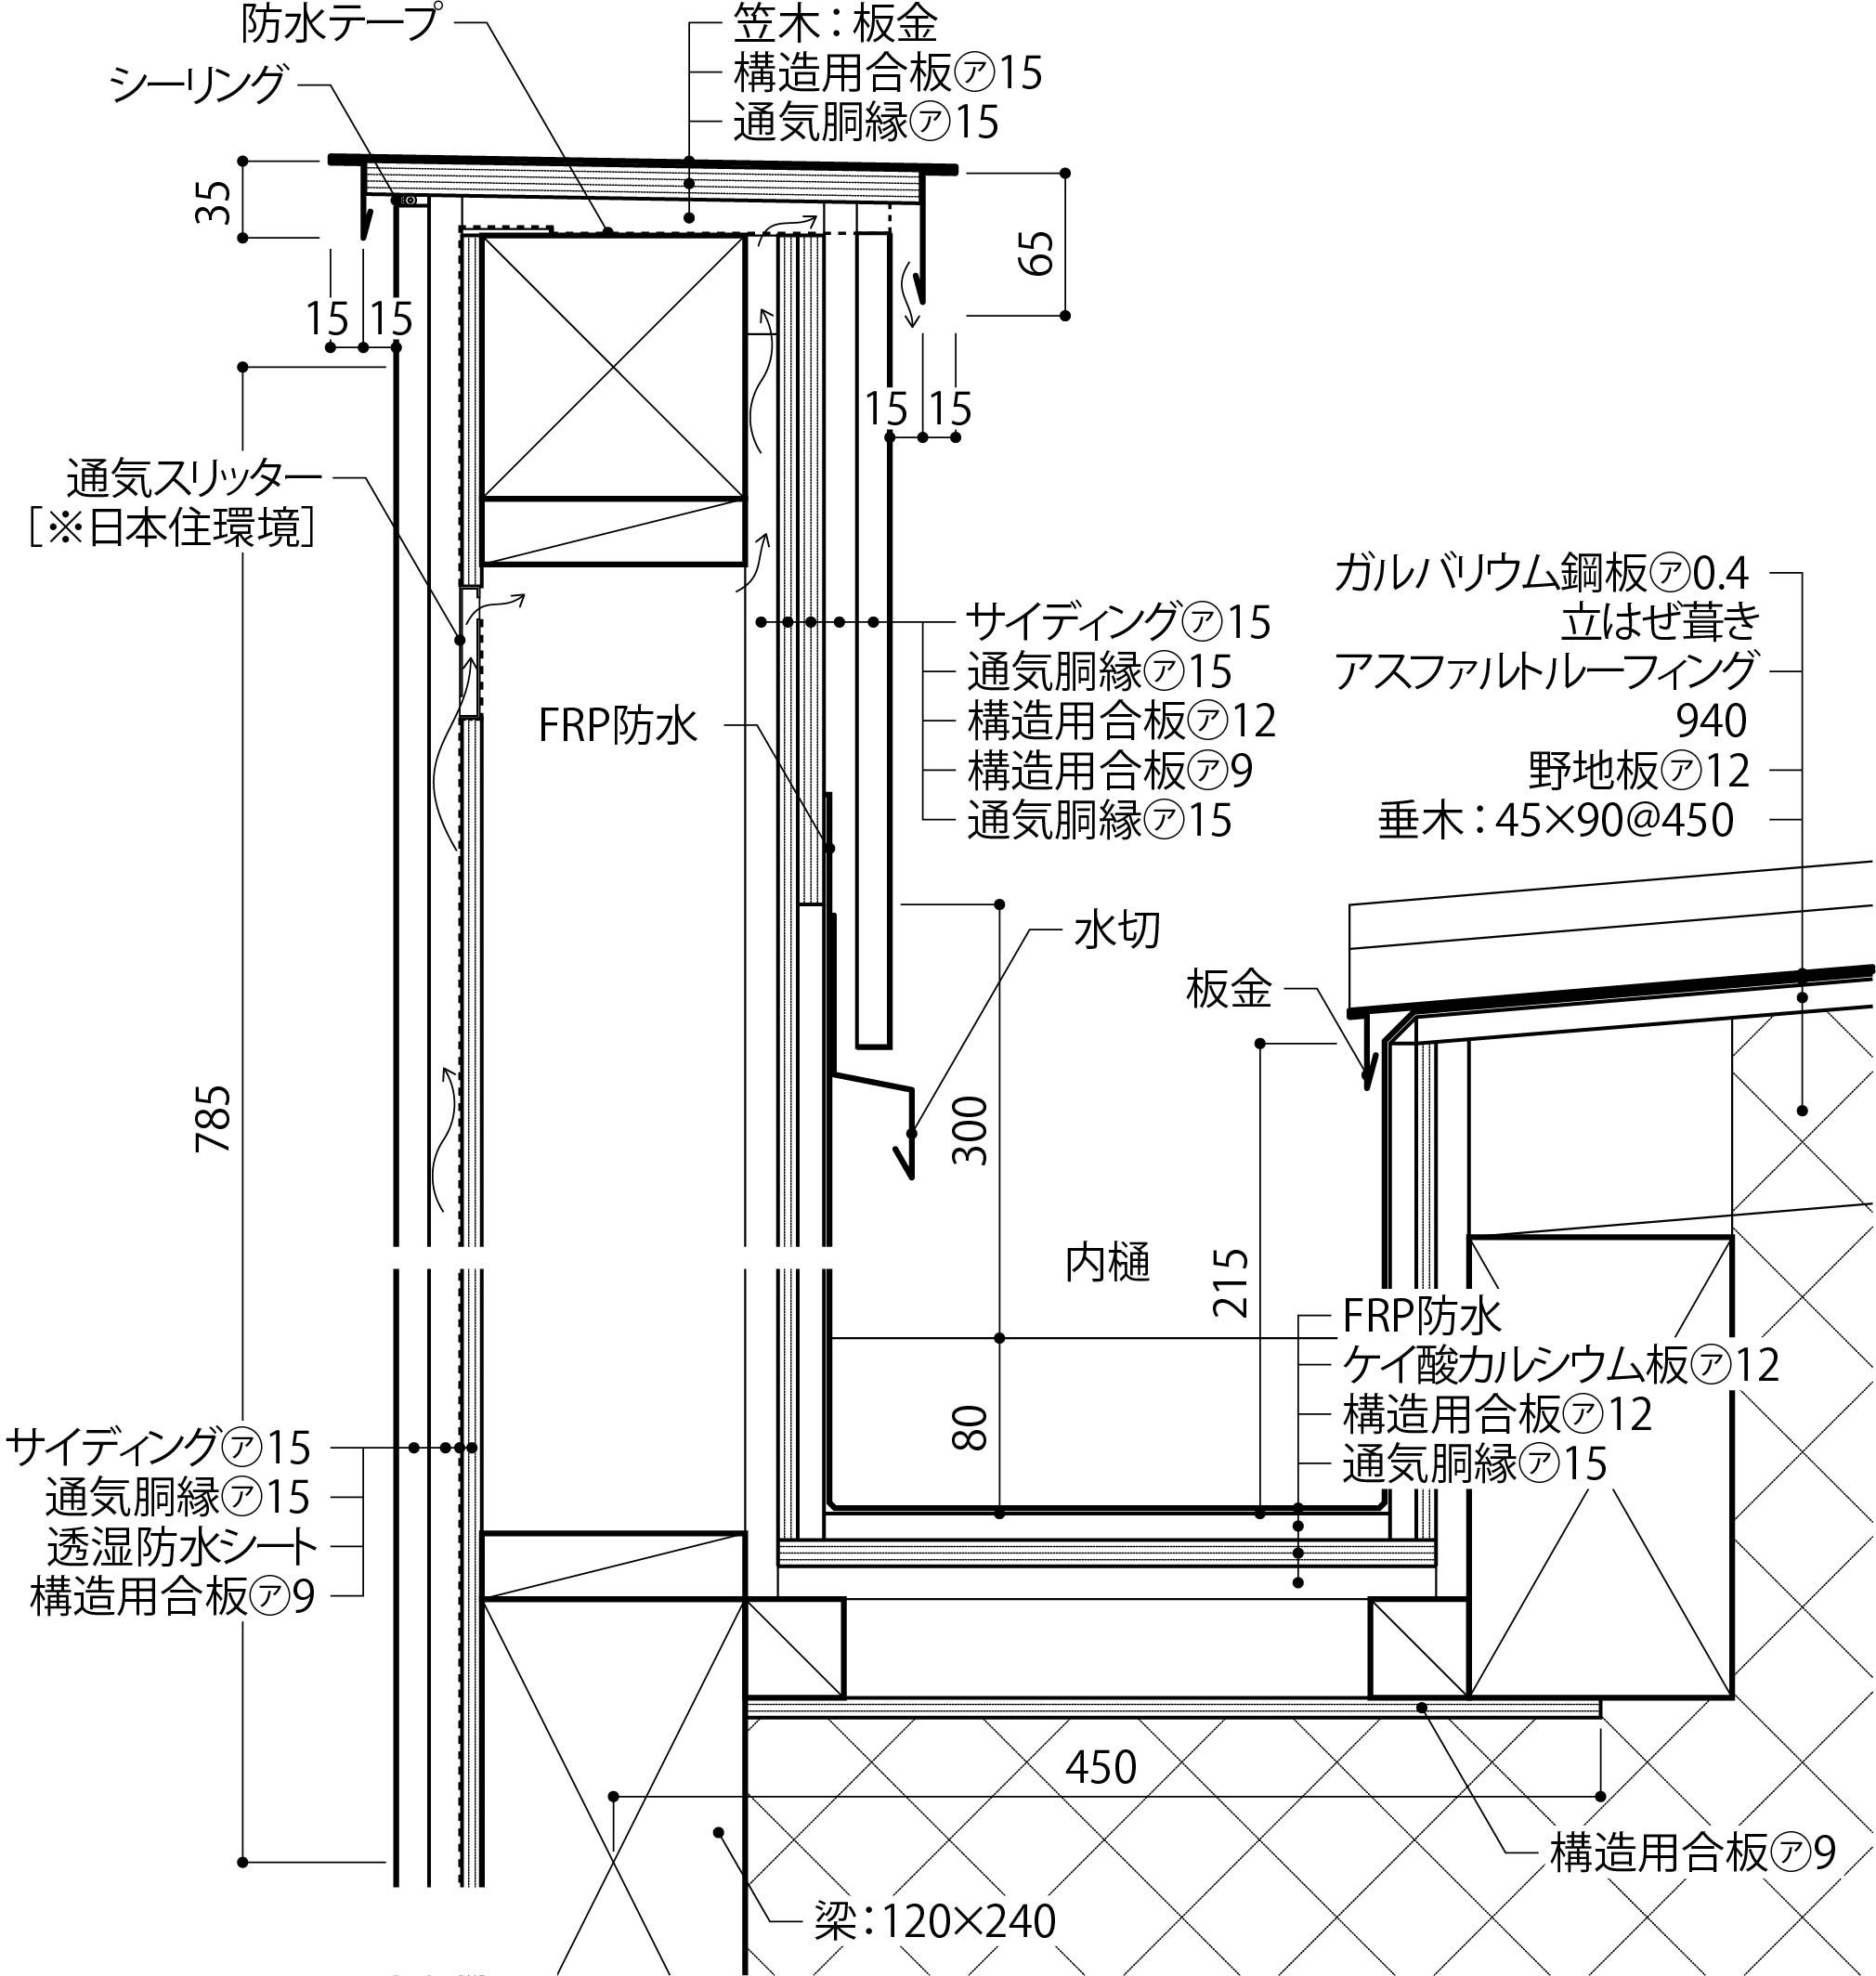 パラペットの笠木の見付けを小さくする図面画像 パラペット 詳細